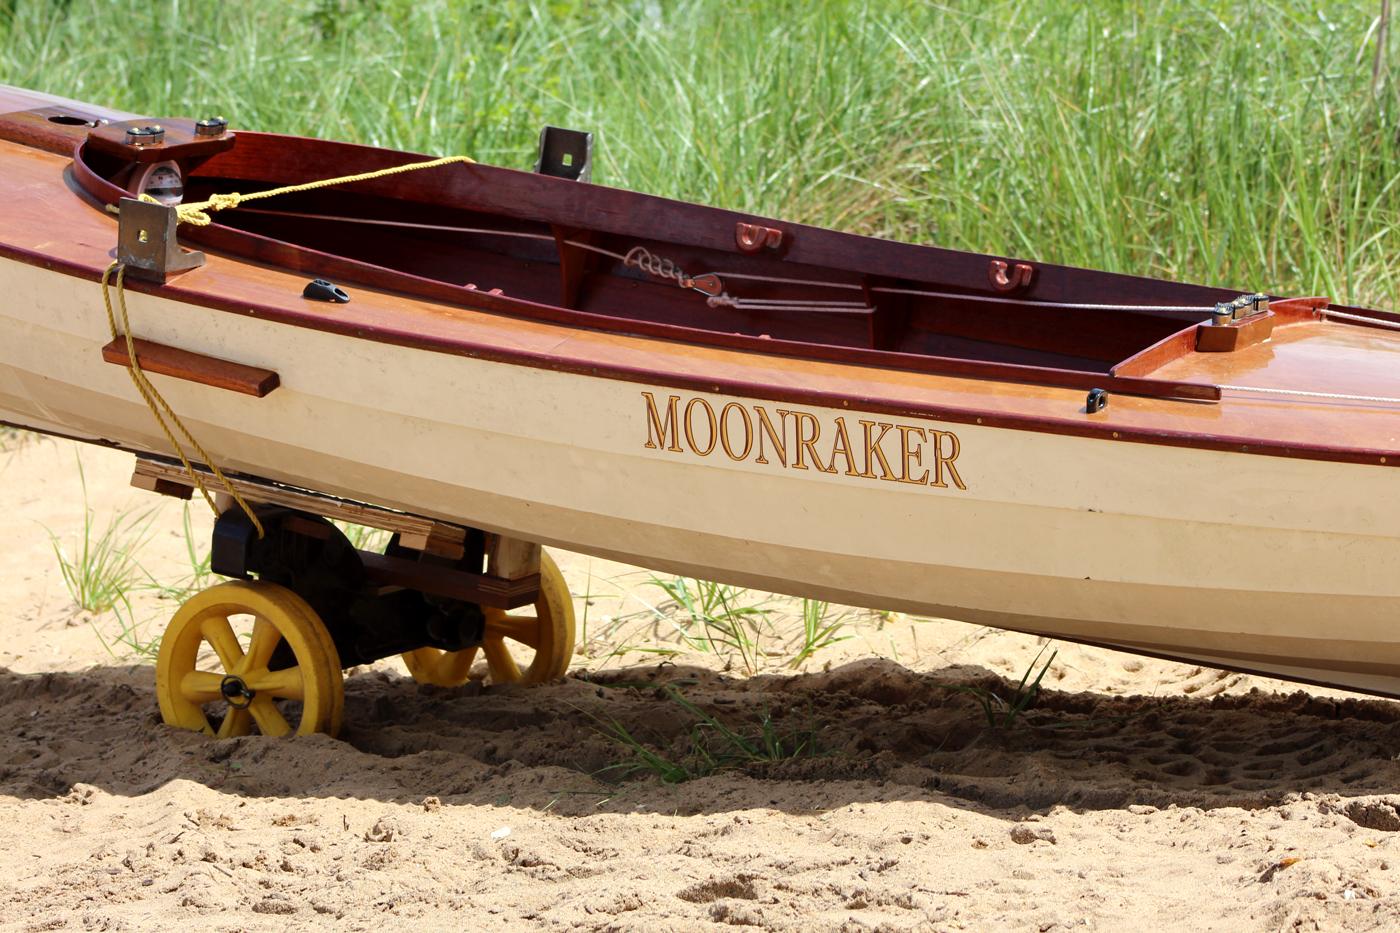 Scott Judson: Canoe Yawl